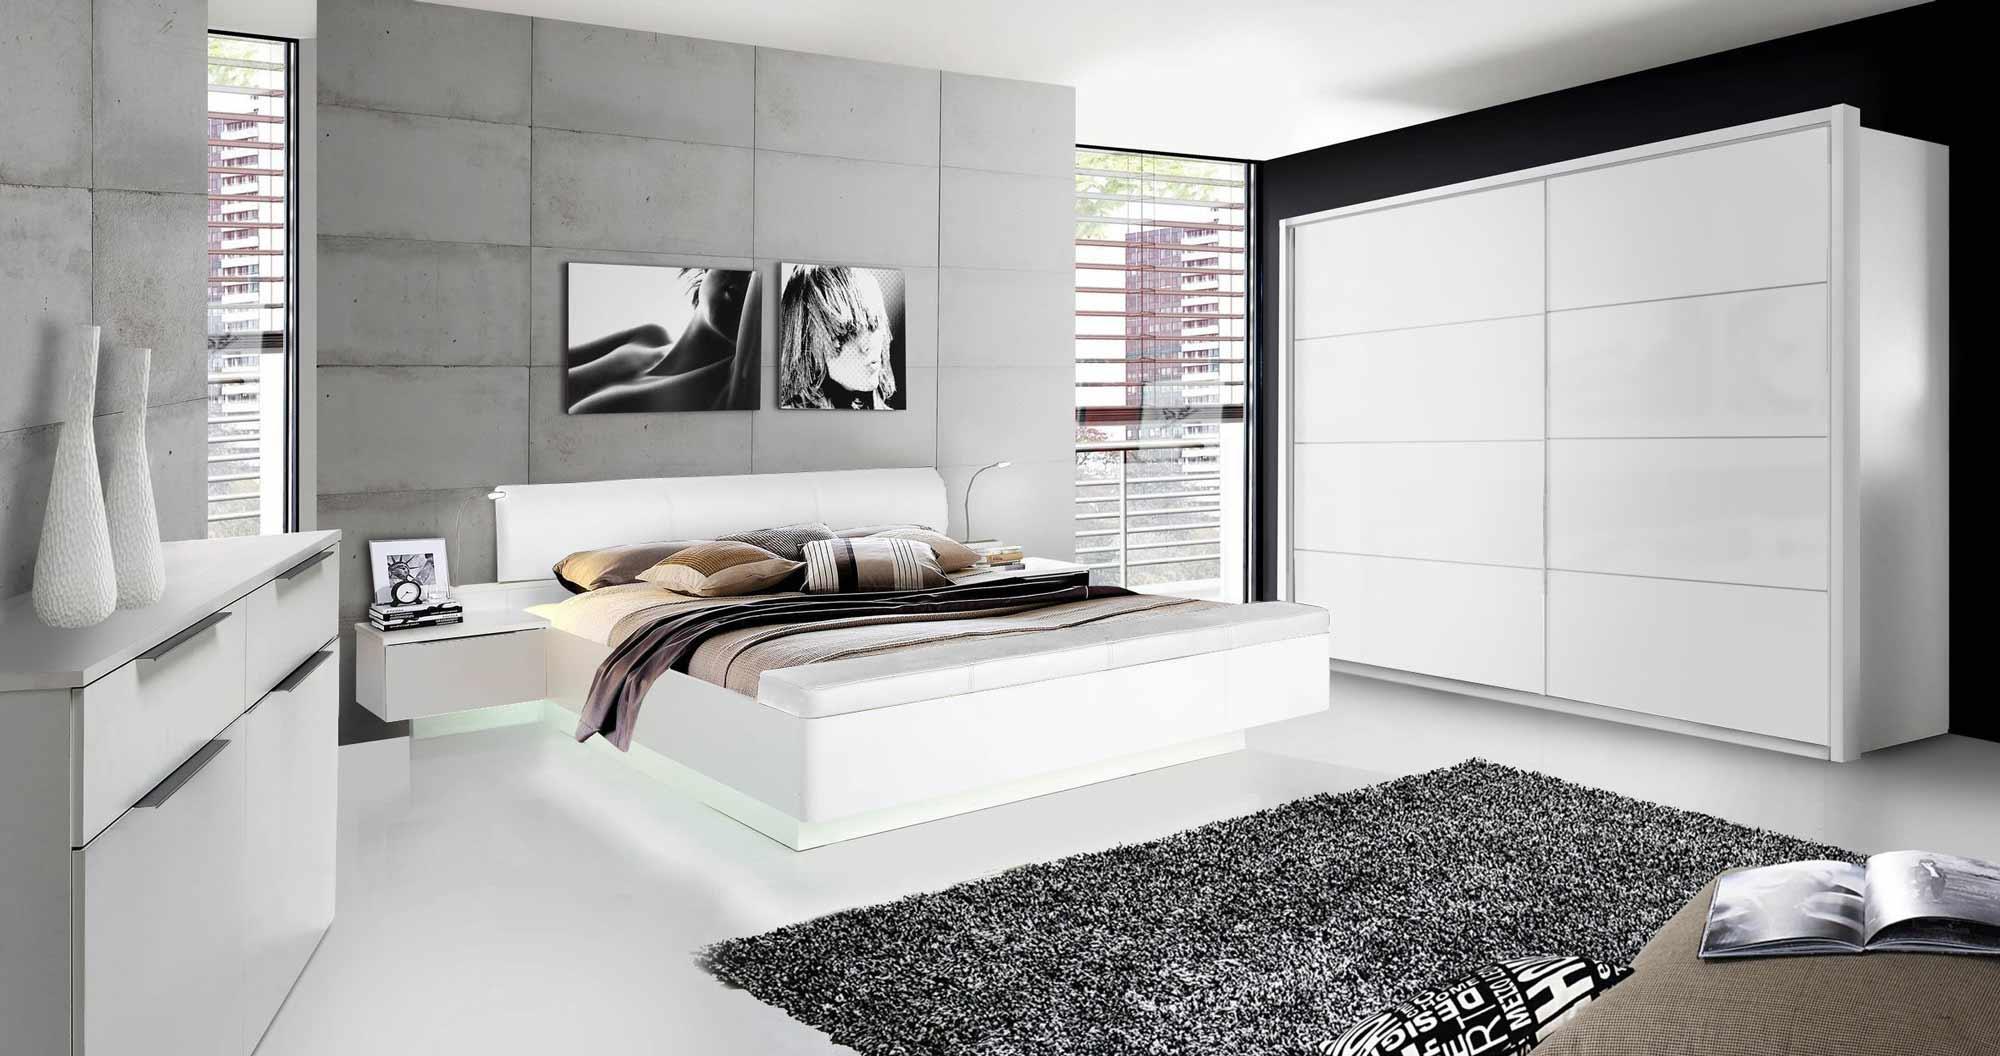 Full Size of Schlafzimmer Komplettangebote 589a5a846342e Deckenlampe Luxus Teppich Stuhl Schrank Set Mit Boxspringbett Deckenleuchte Kommode Weiß Deckenleuchten Stehlampe Schlafzimmer Schlafzimmer Komplettangebote